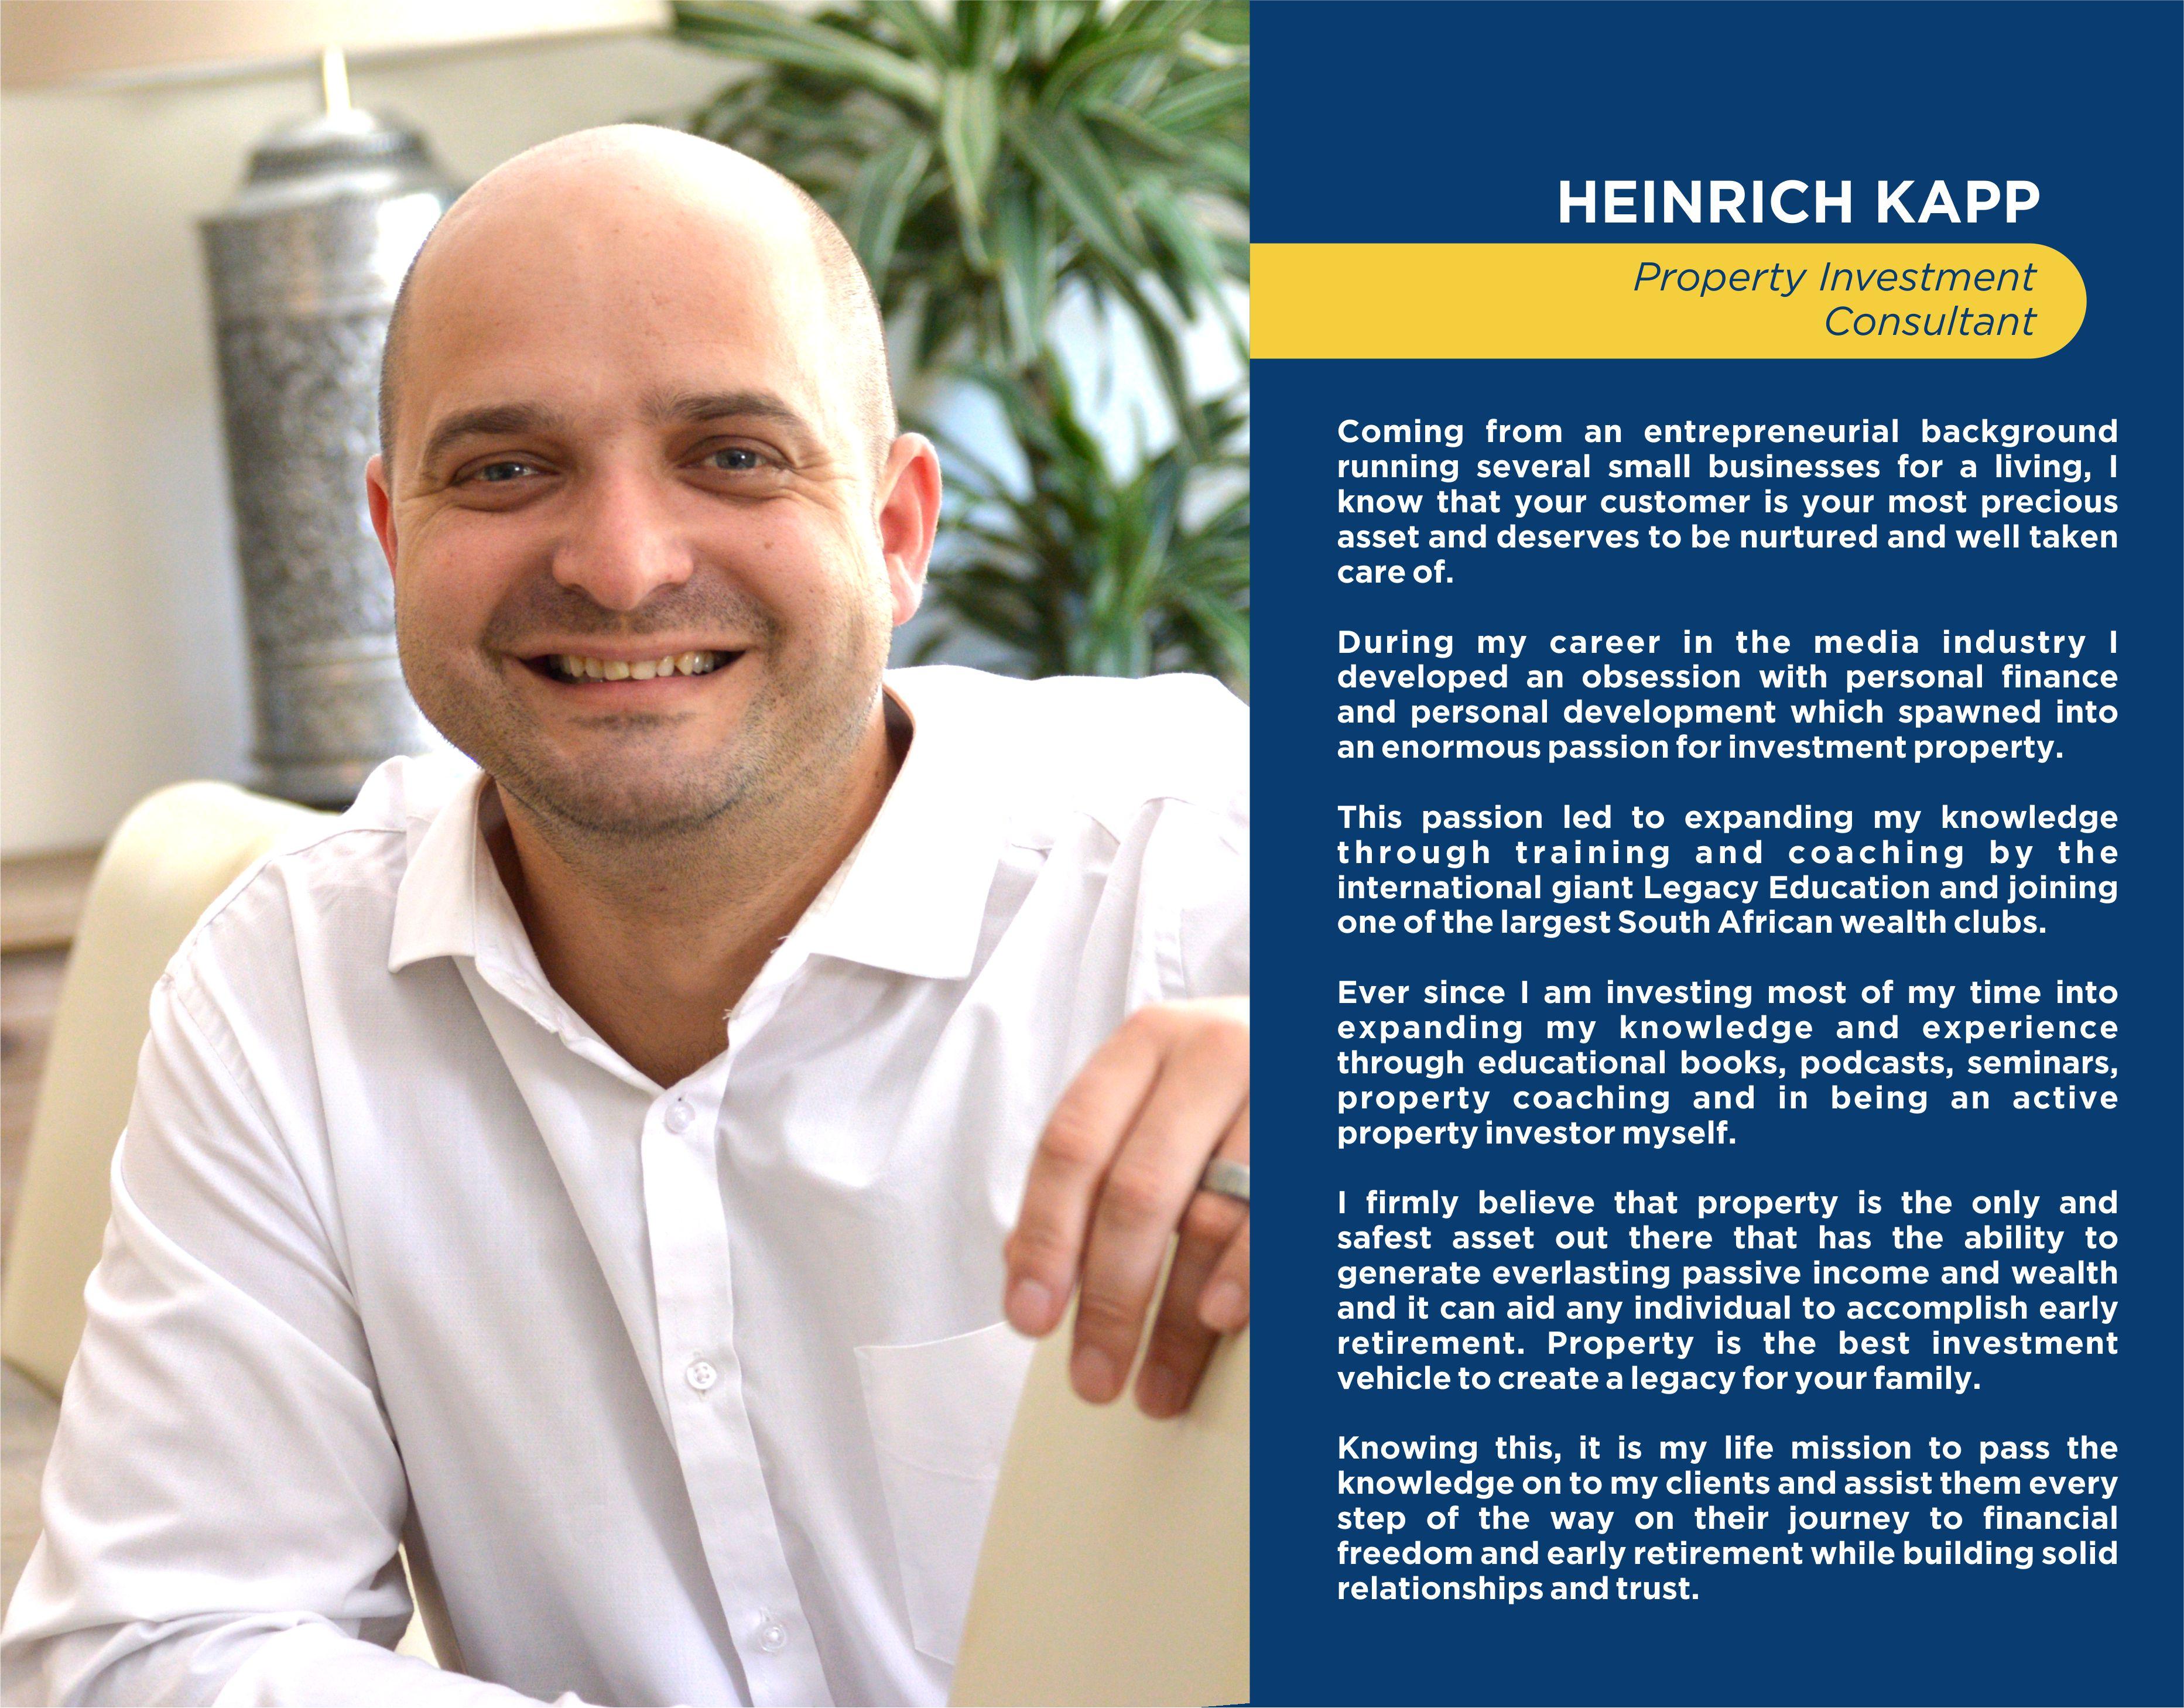 Heinrich